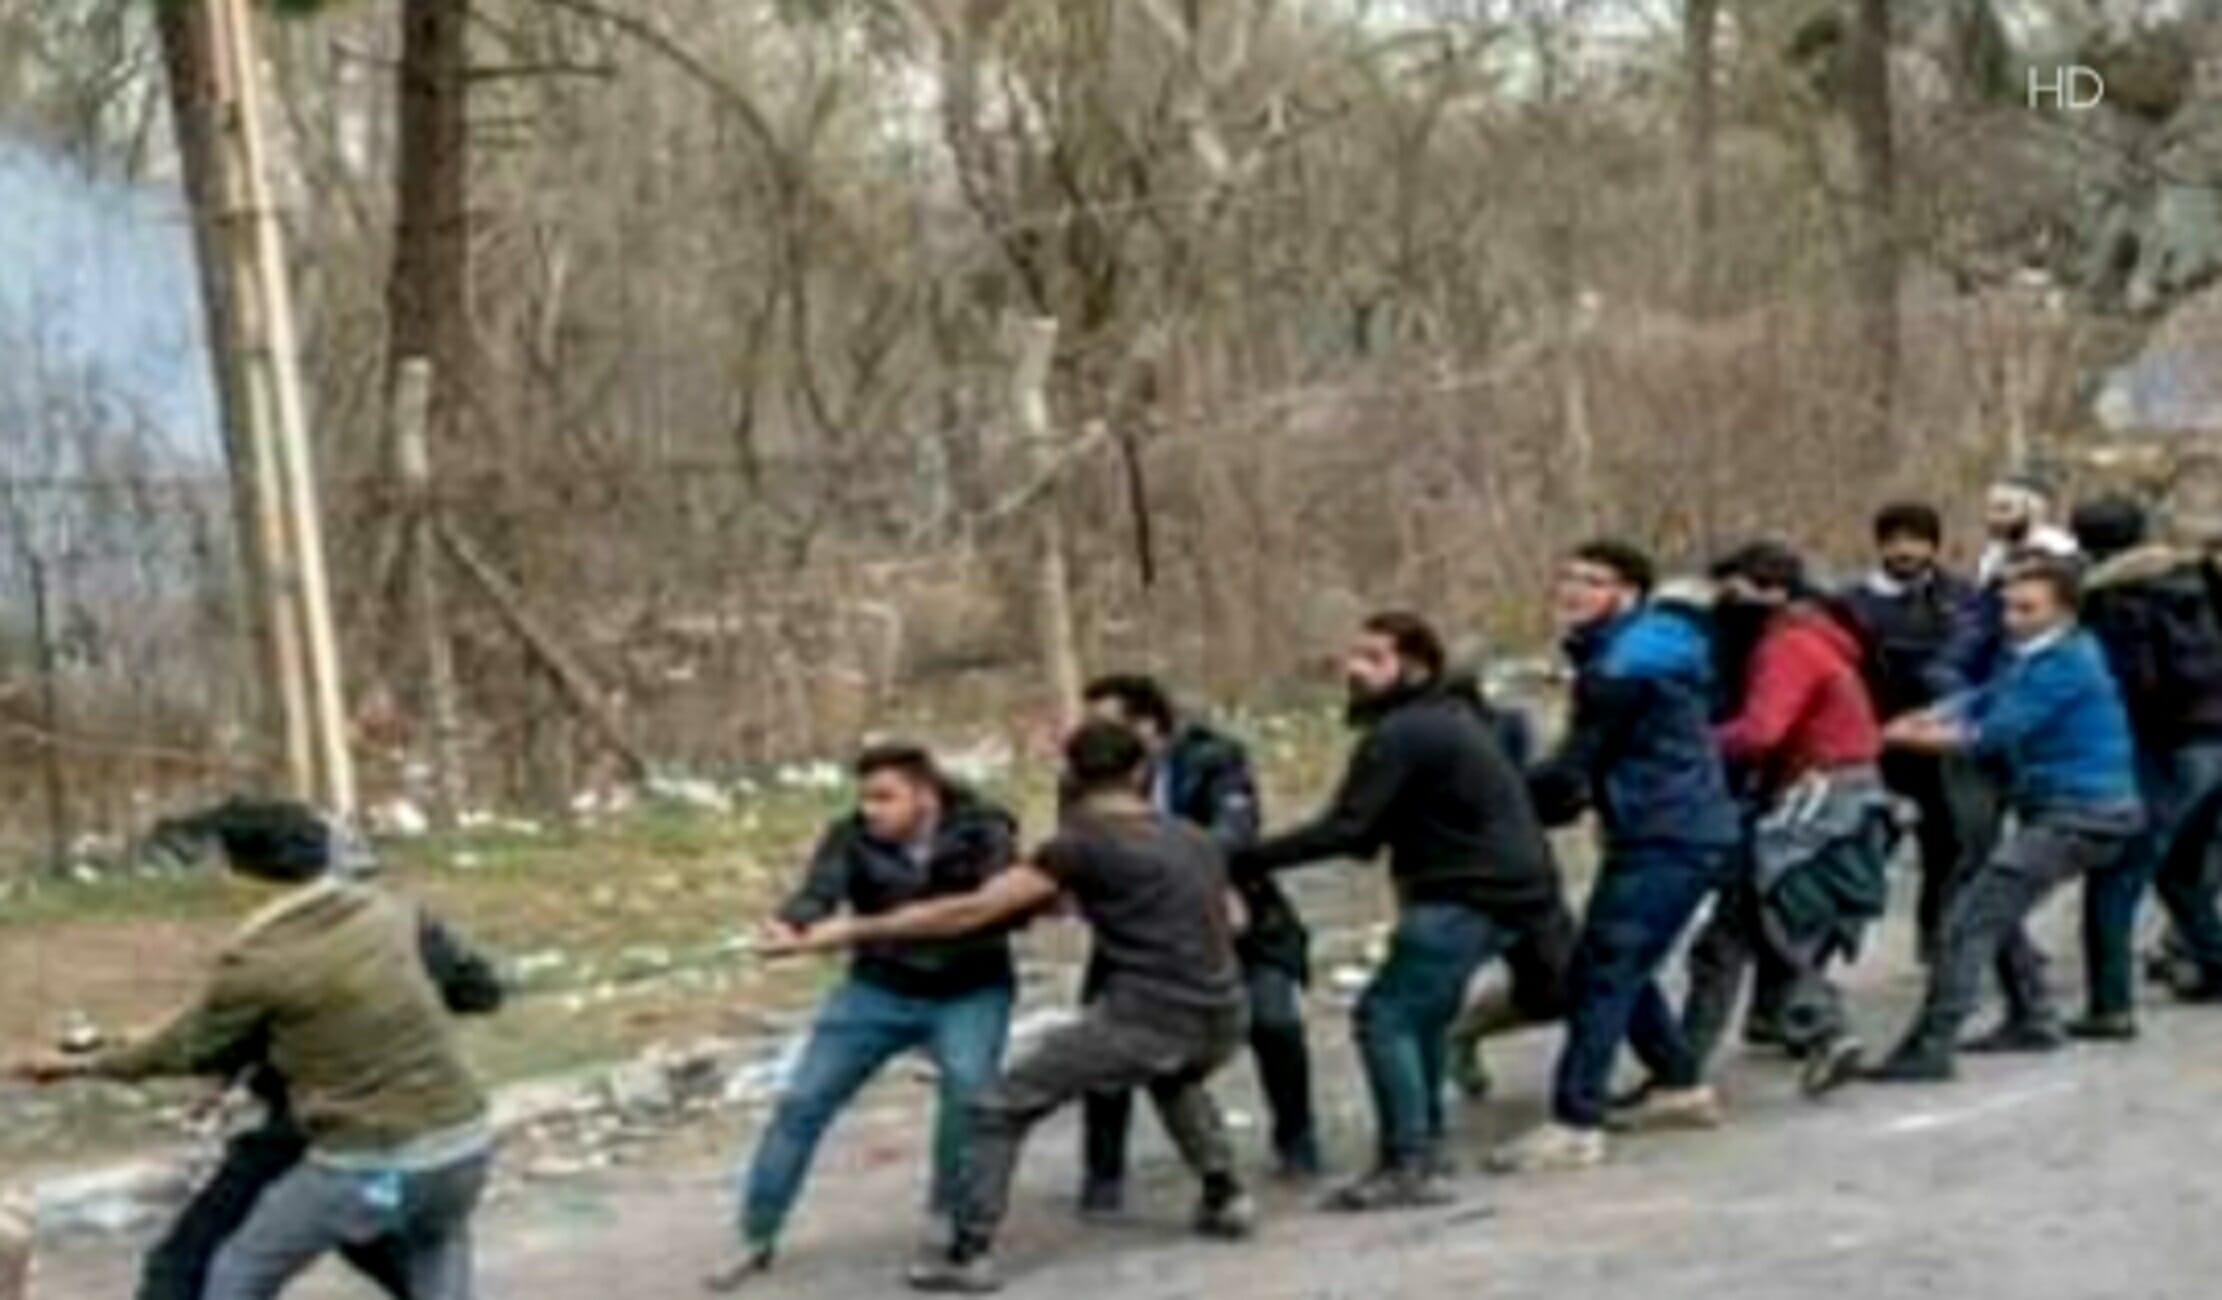 Έβρος: Η στιγμή που μετανάστες προσπαθούν να ρίξουν τον φράχτη στα σύνορα!